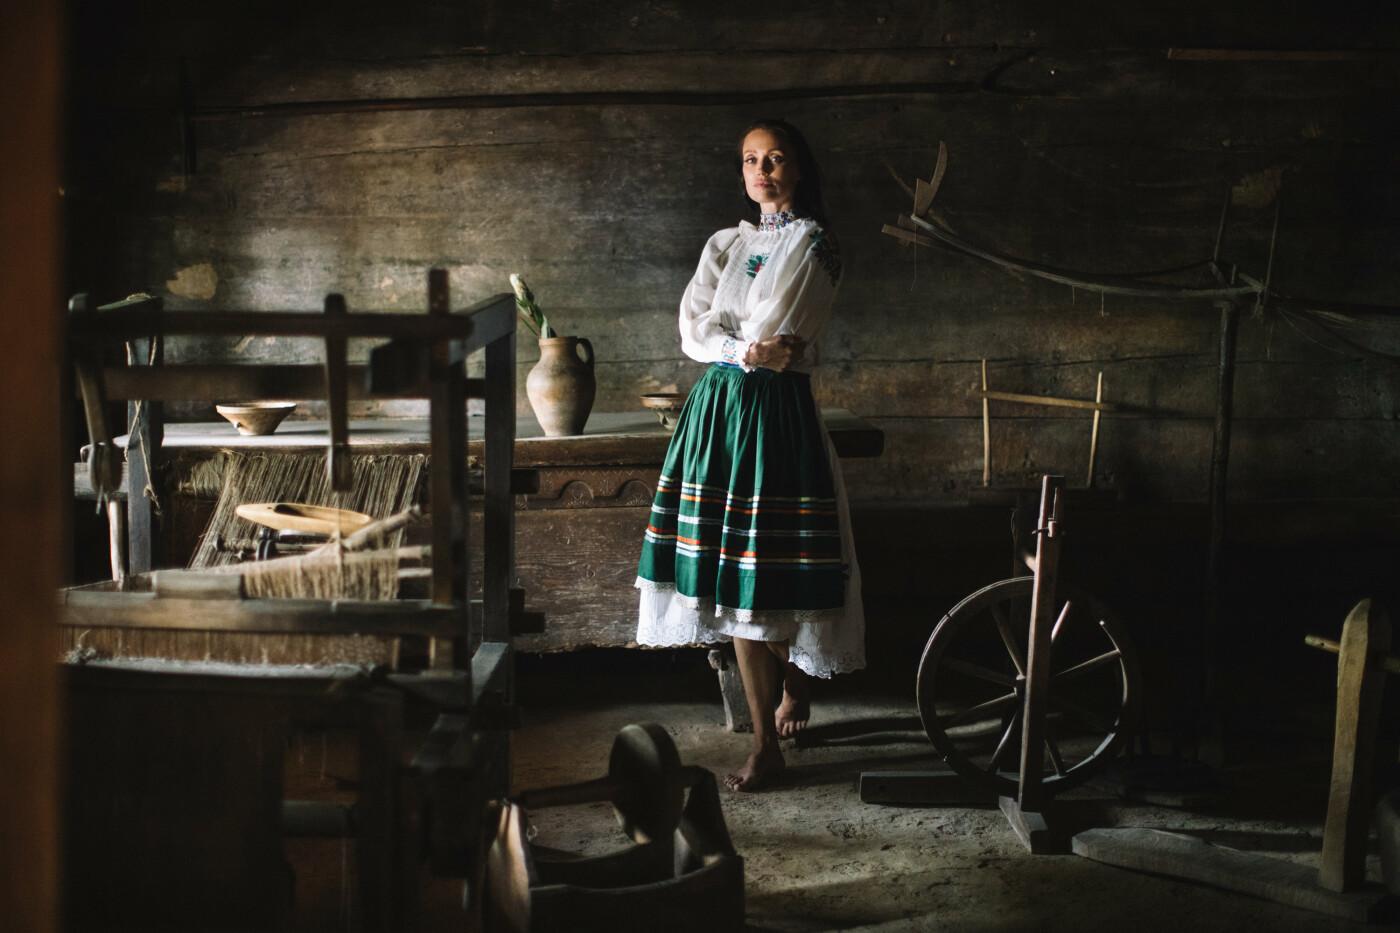 Історичне вбрання жінок Закарпаття презентували в сучасних образах (ФОТО, ВІДЕО), фото-12